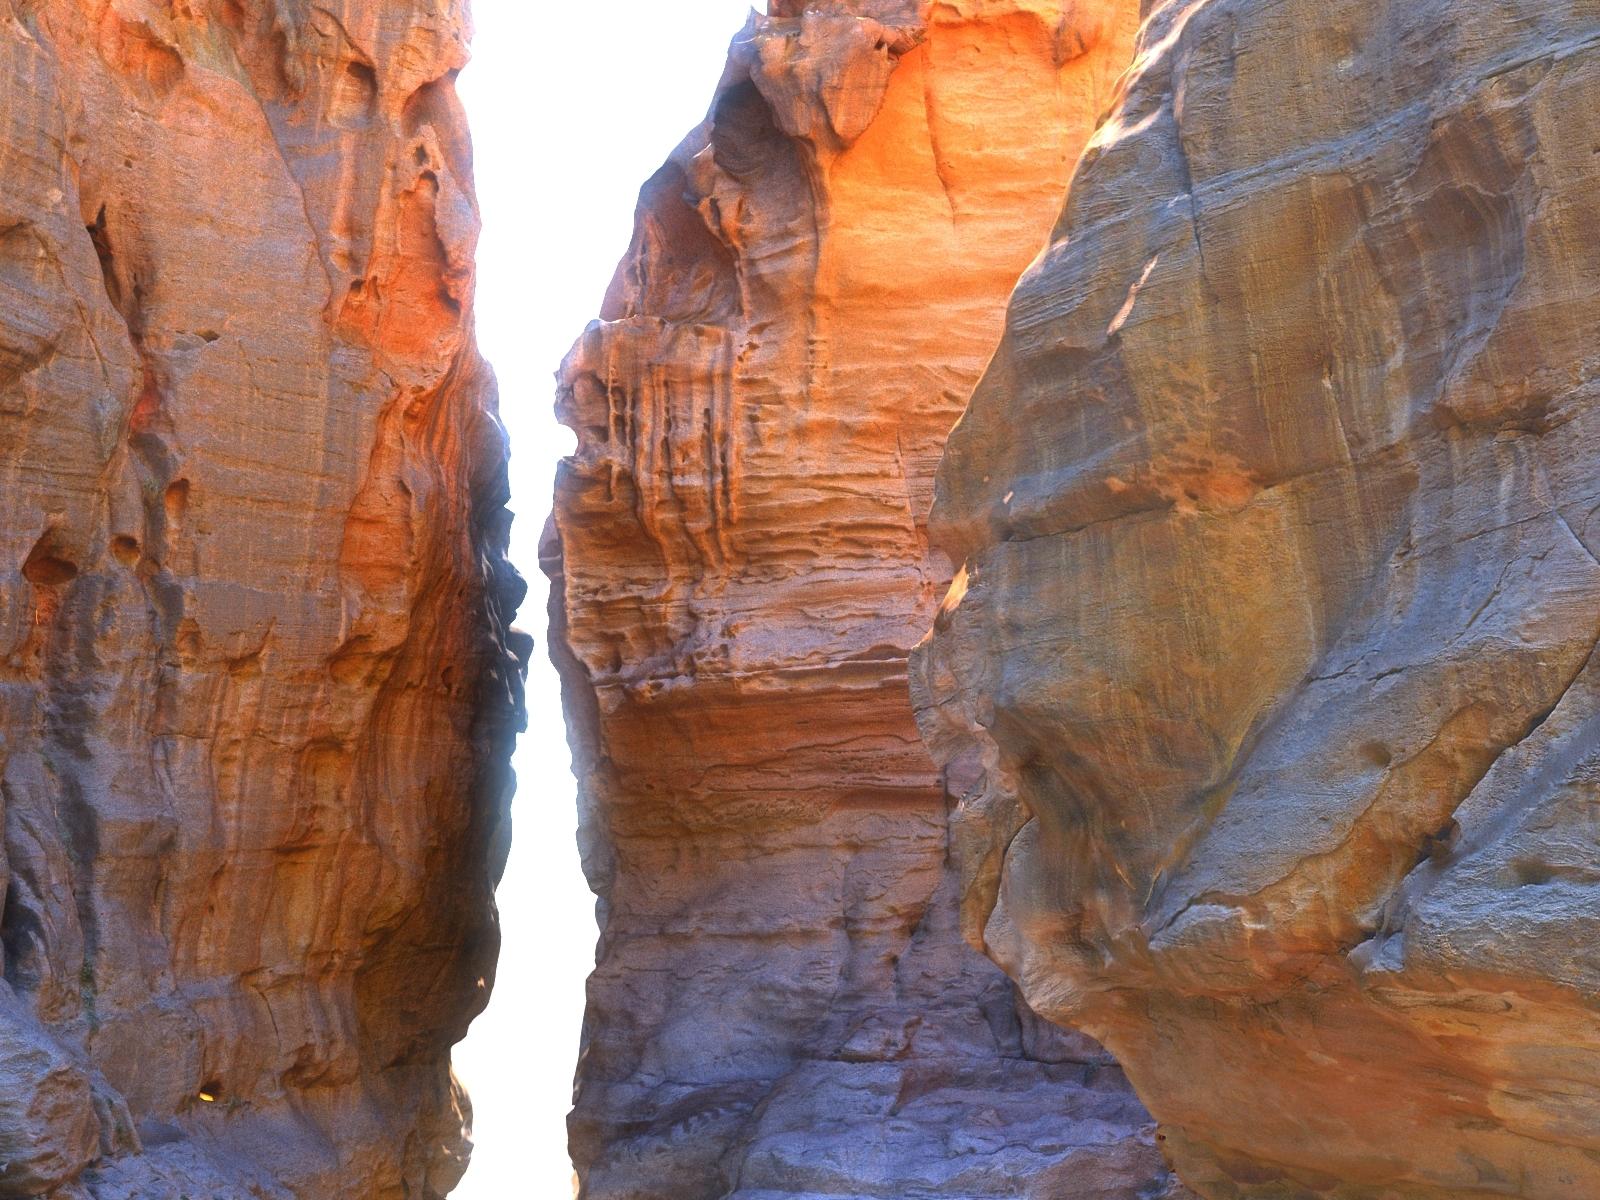 Petra Canyon Ultra Hd 16k 2